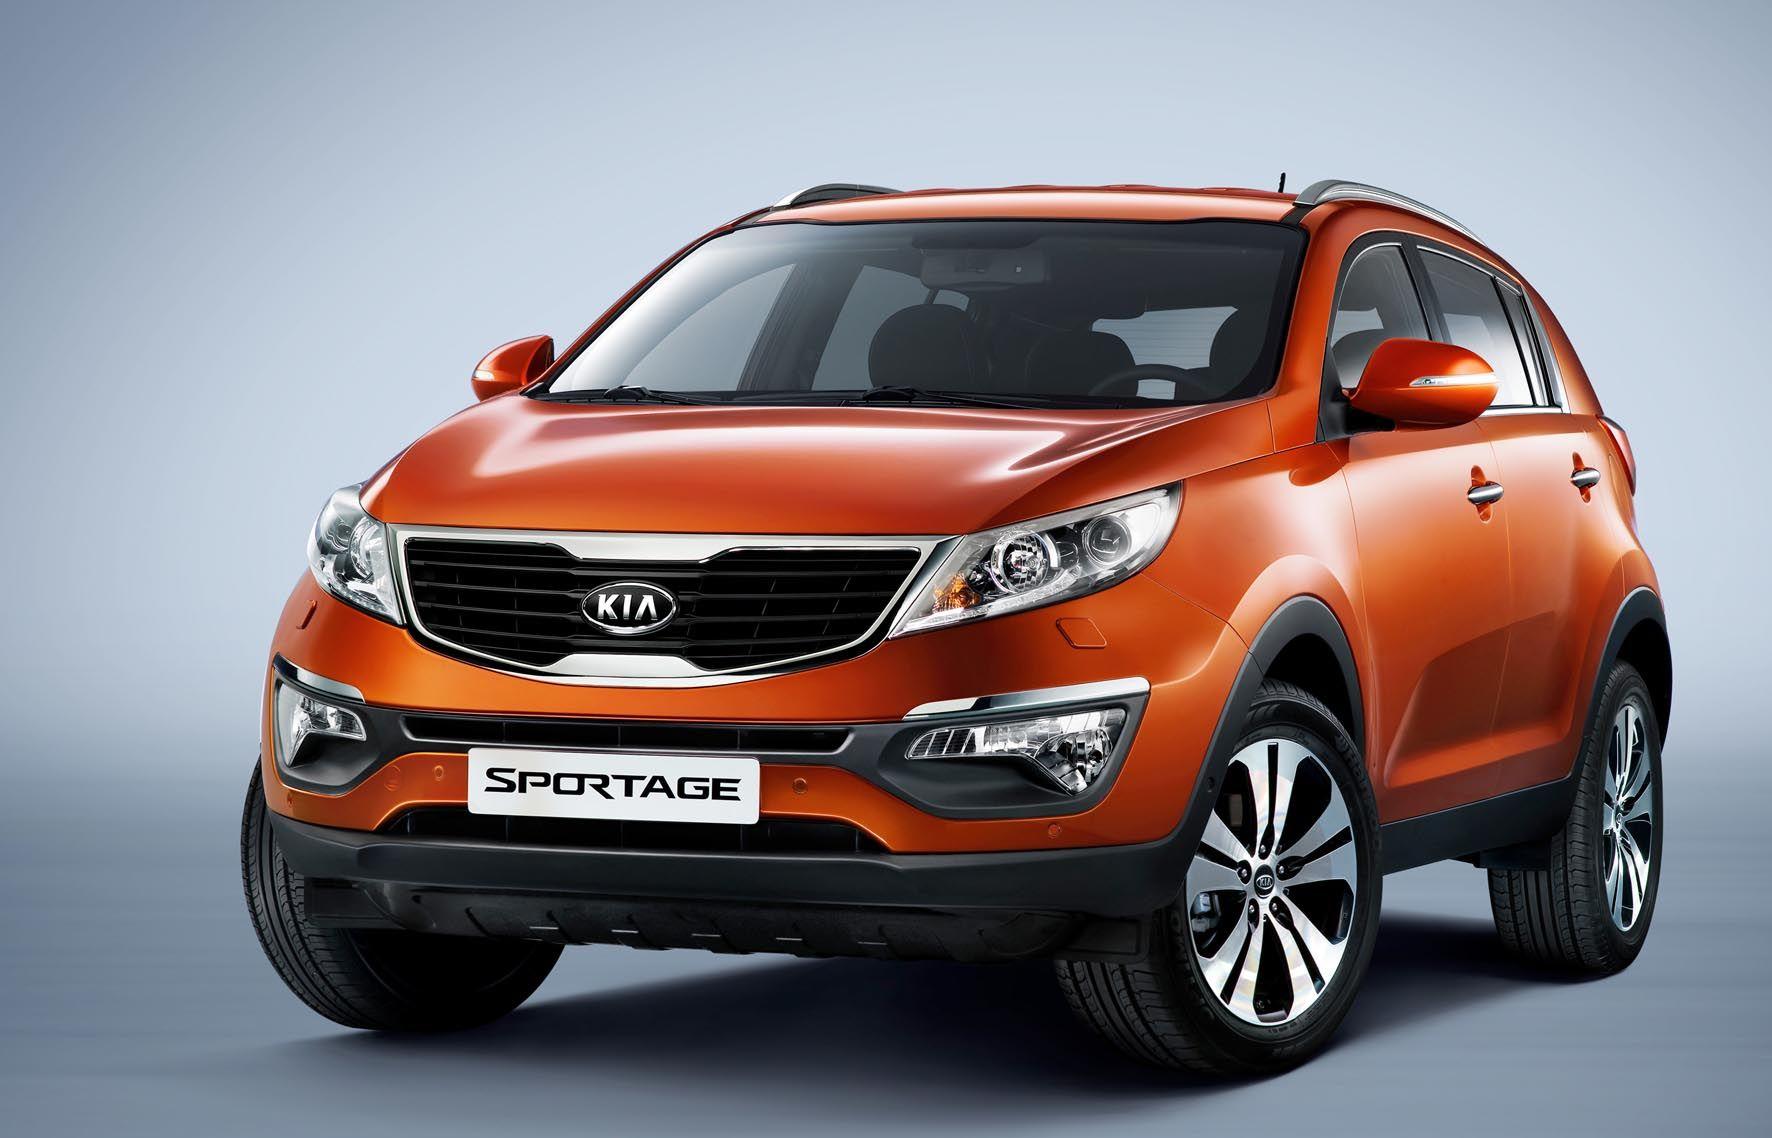 Kia Sportage in orange. kia sportage suv cars Kia